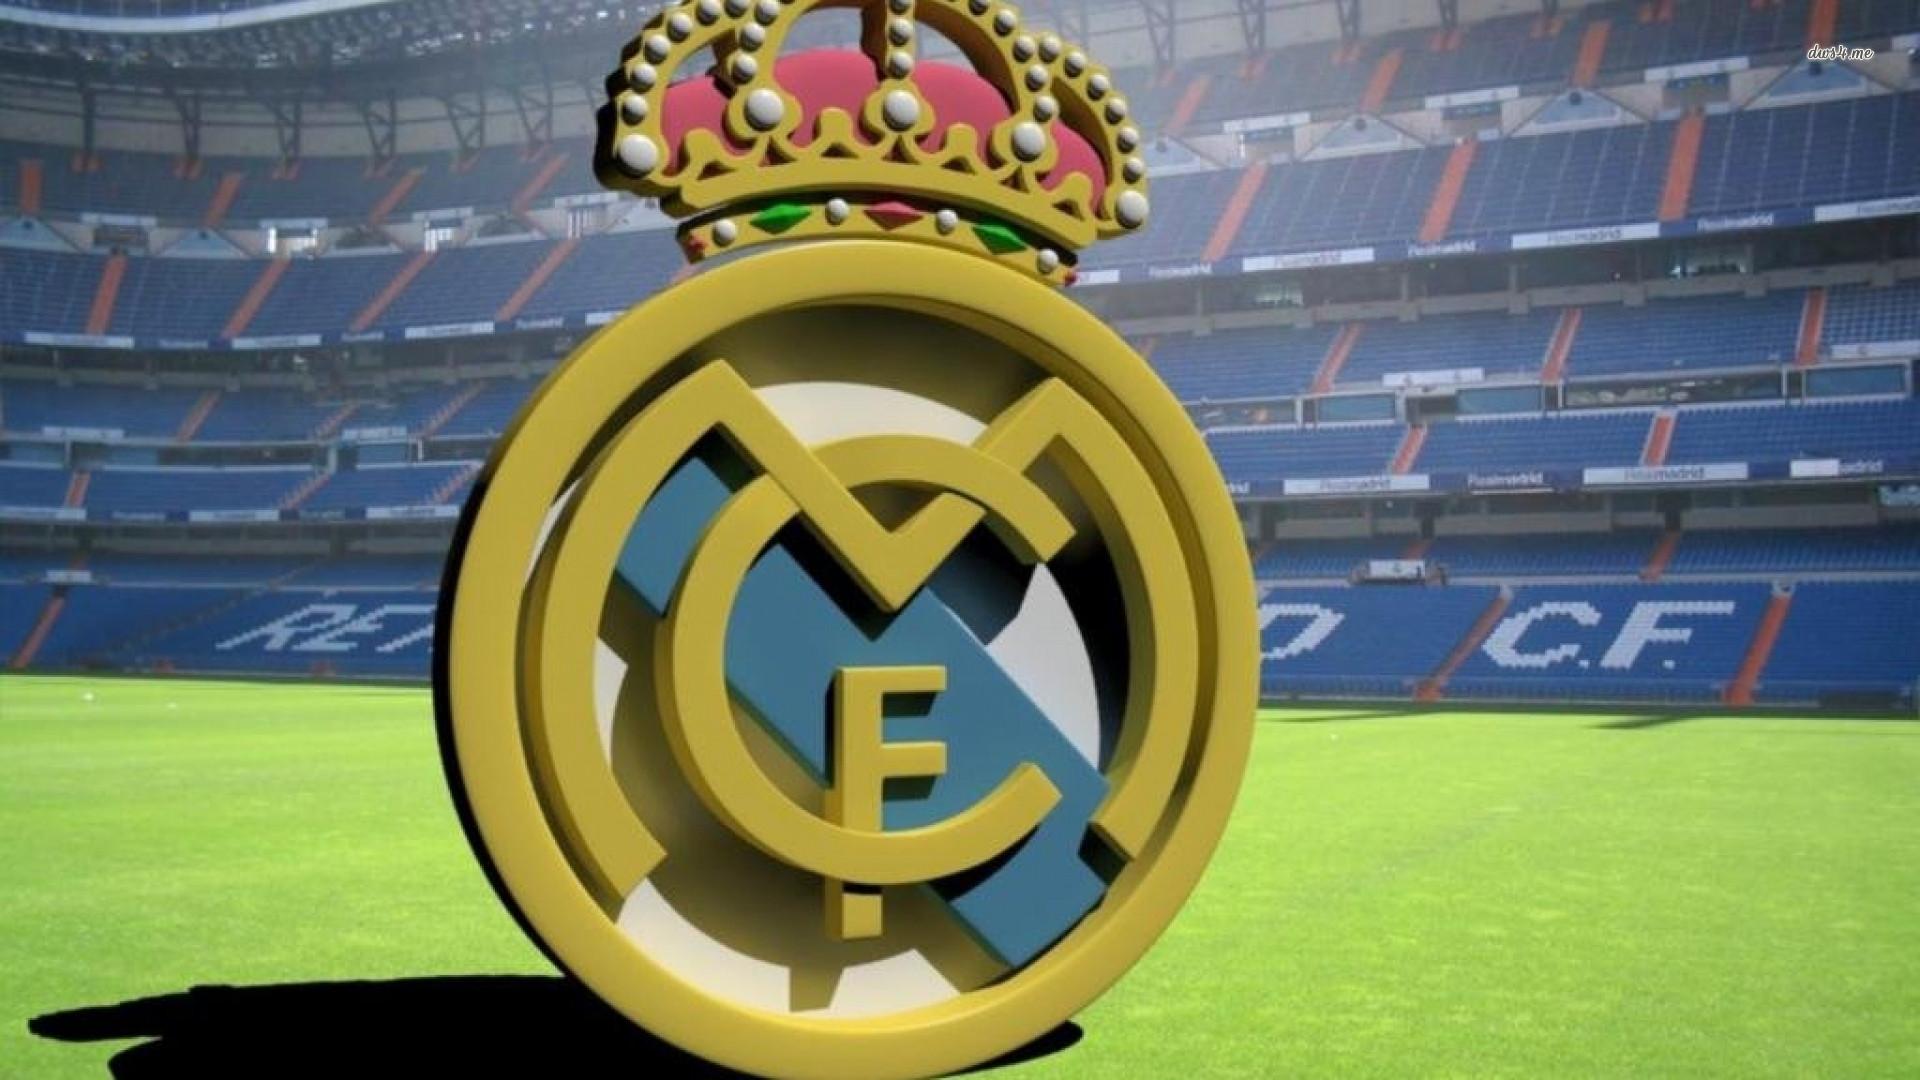 real-madrid-logo-sport-hd-wallpaper-13